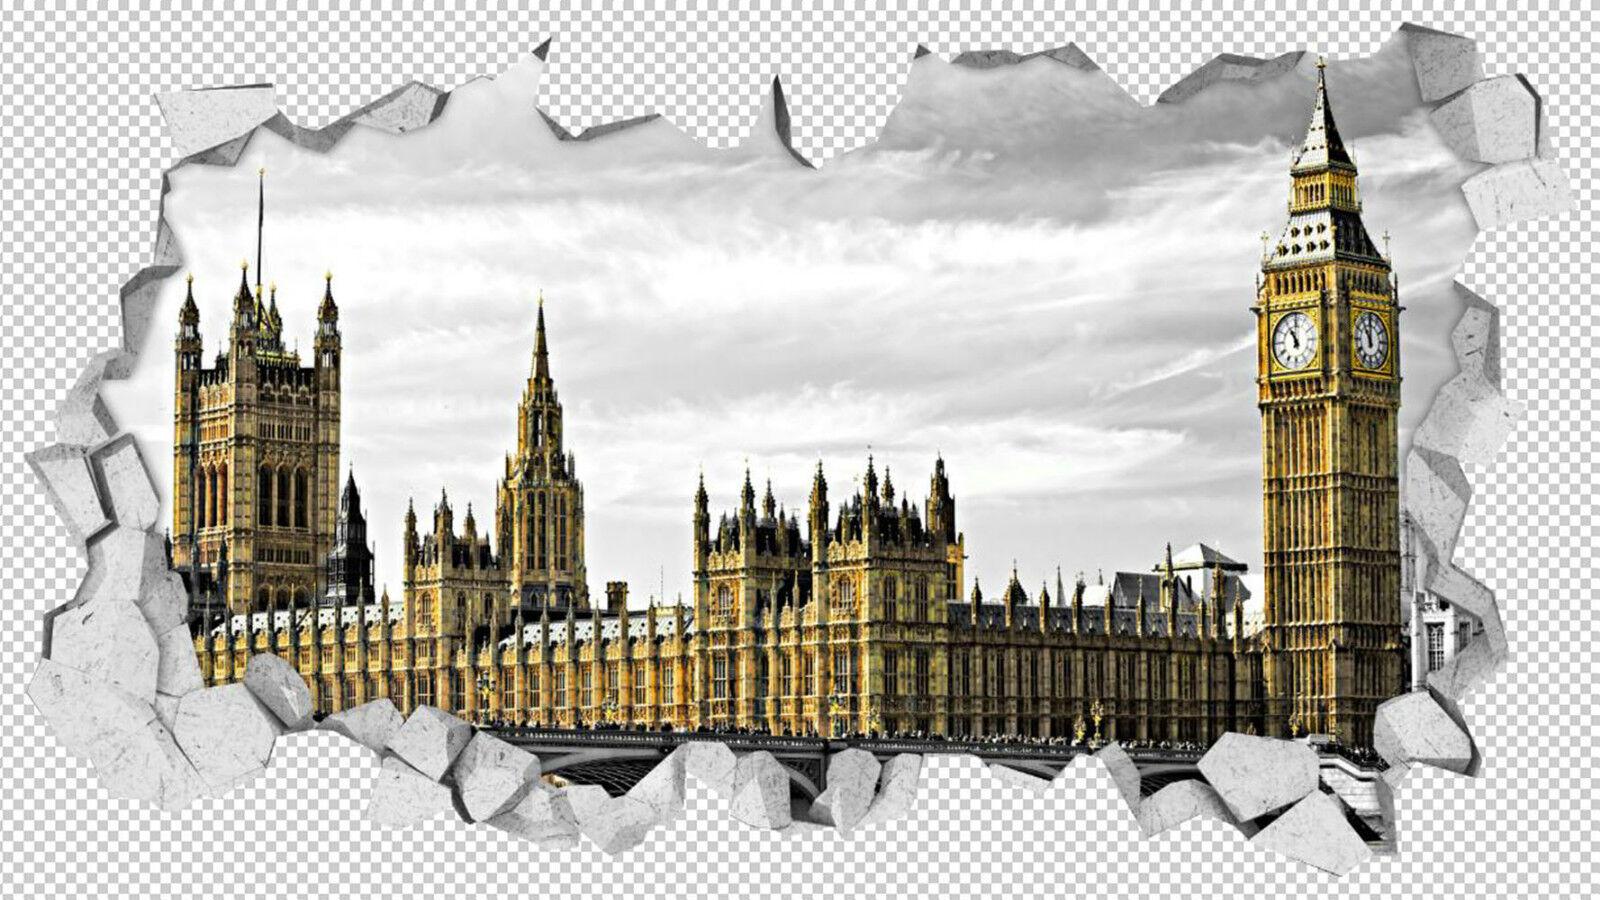 3D 3D 3D Sky Build 523 Mauer Murals Aufklebe Decal Durchbruch AJ WALLPAPER DE Lemon 181a89